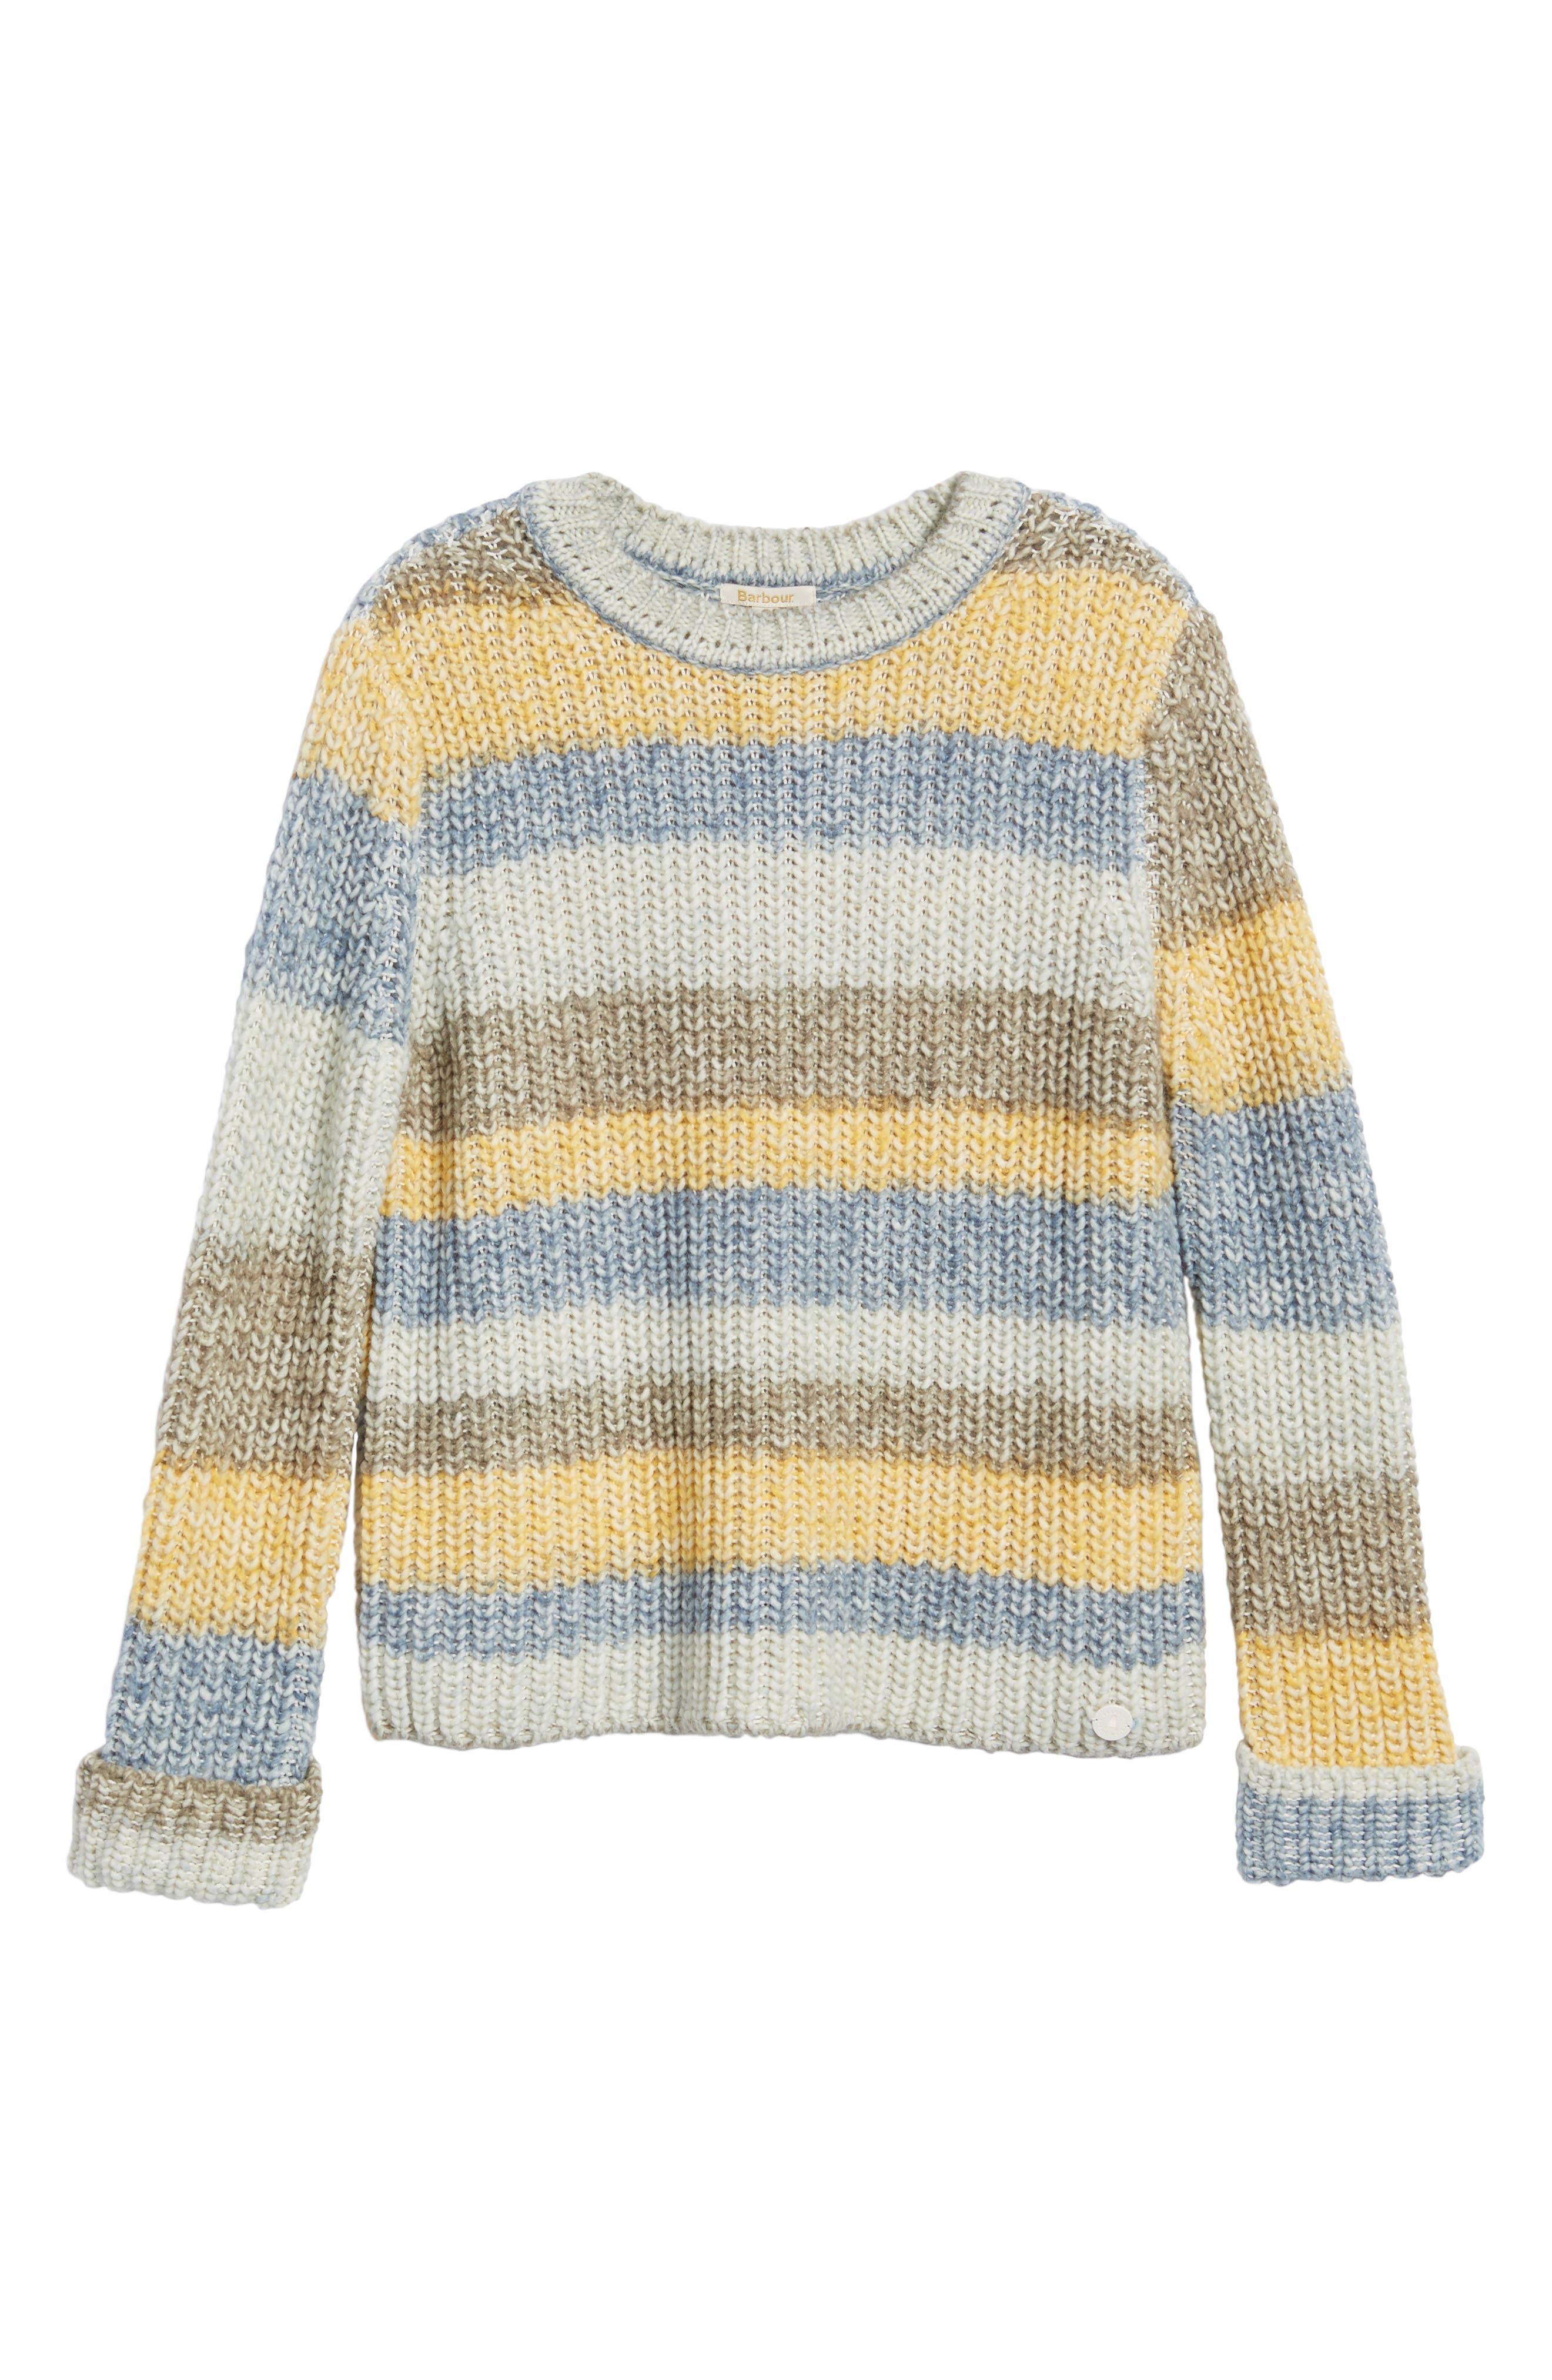 Hive Knit Fisherman Sweater,                             Alternate thumbnail 6, color,                             Sun Gold